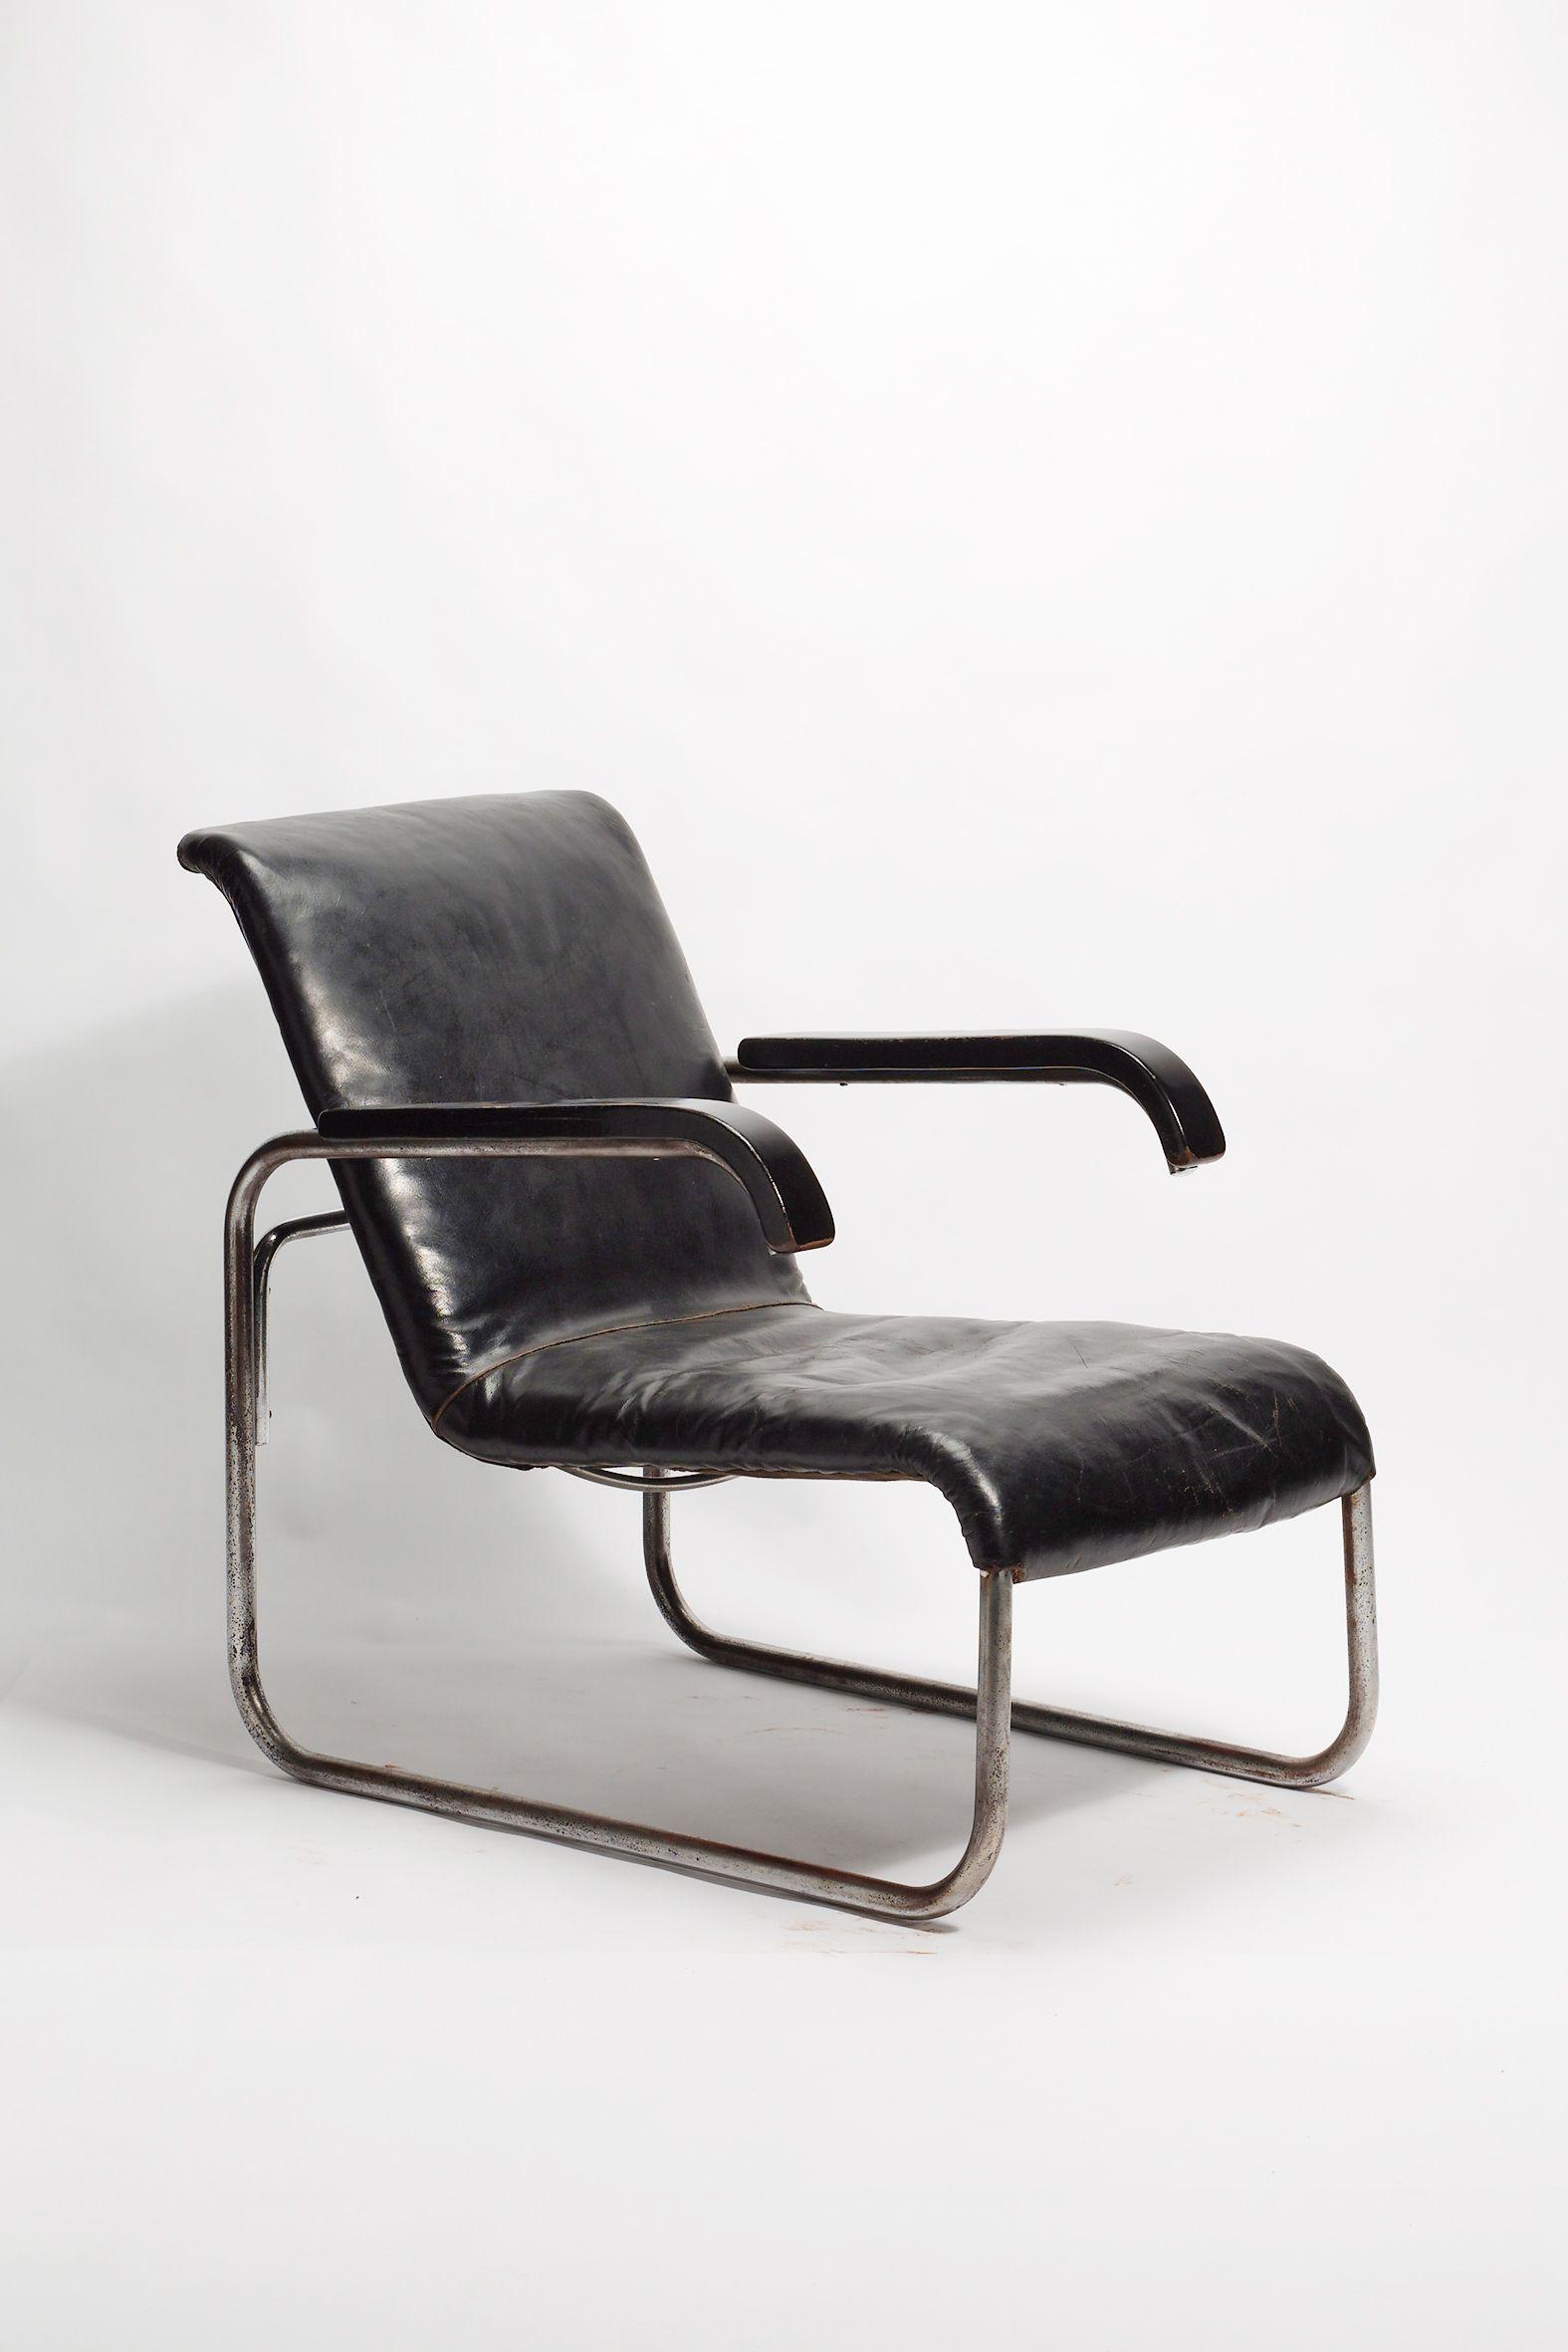 Bauhaus chair breuer - Armlehnstuhl B35 Marcel Breuer 1929 Chair